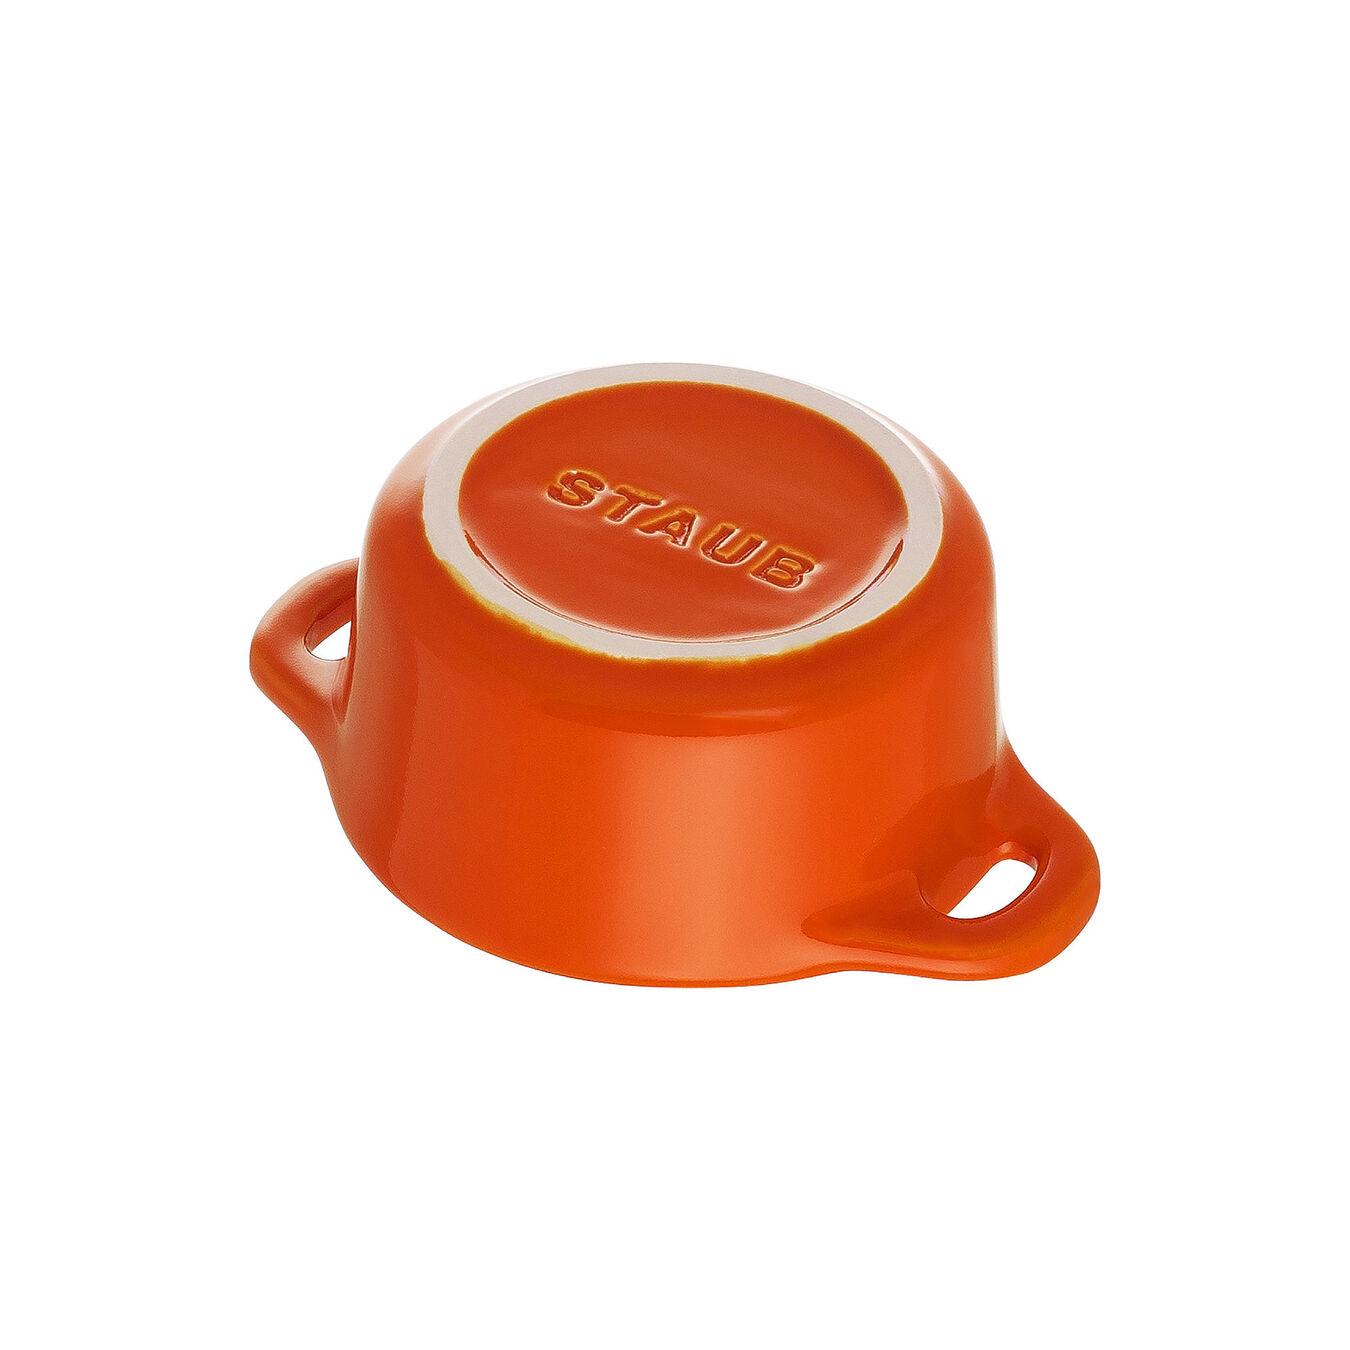 Mini Cocotte 10 cm, Rond(e), Orange, Céramique,,large 5